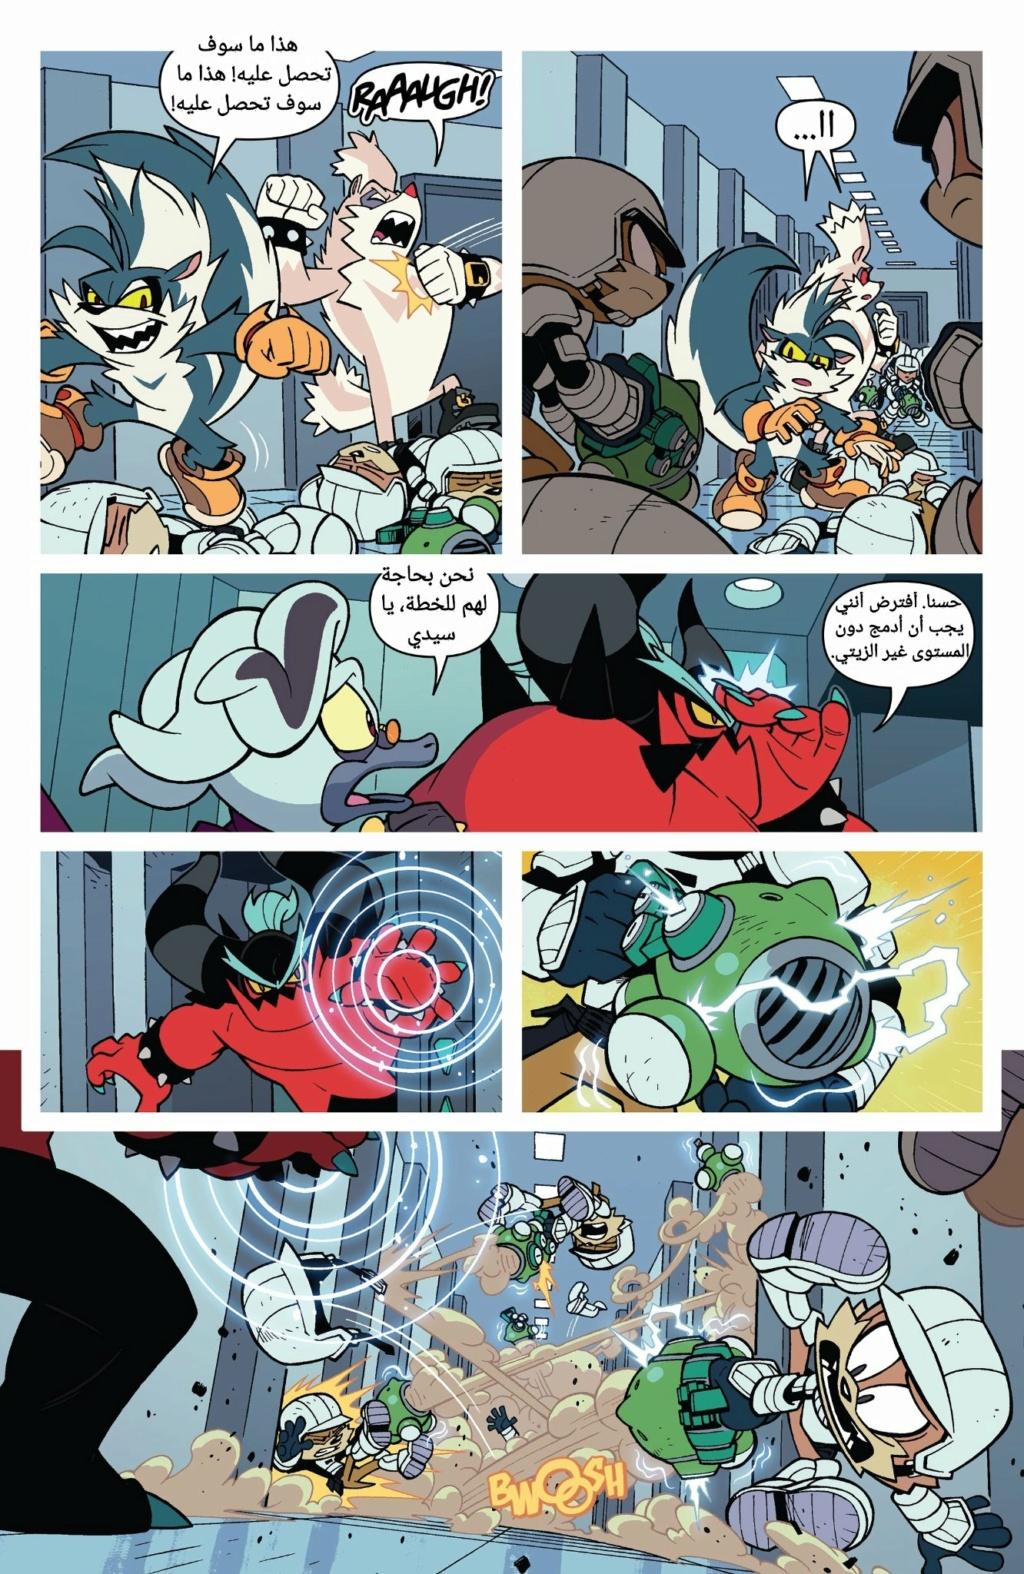 سونيك idw العدد الخاص bad guys العدد 1 كامل ومترجم Koedhl10